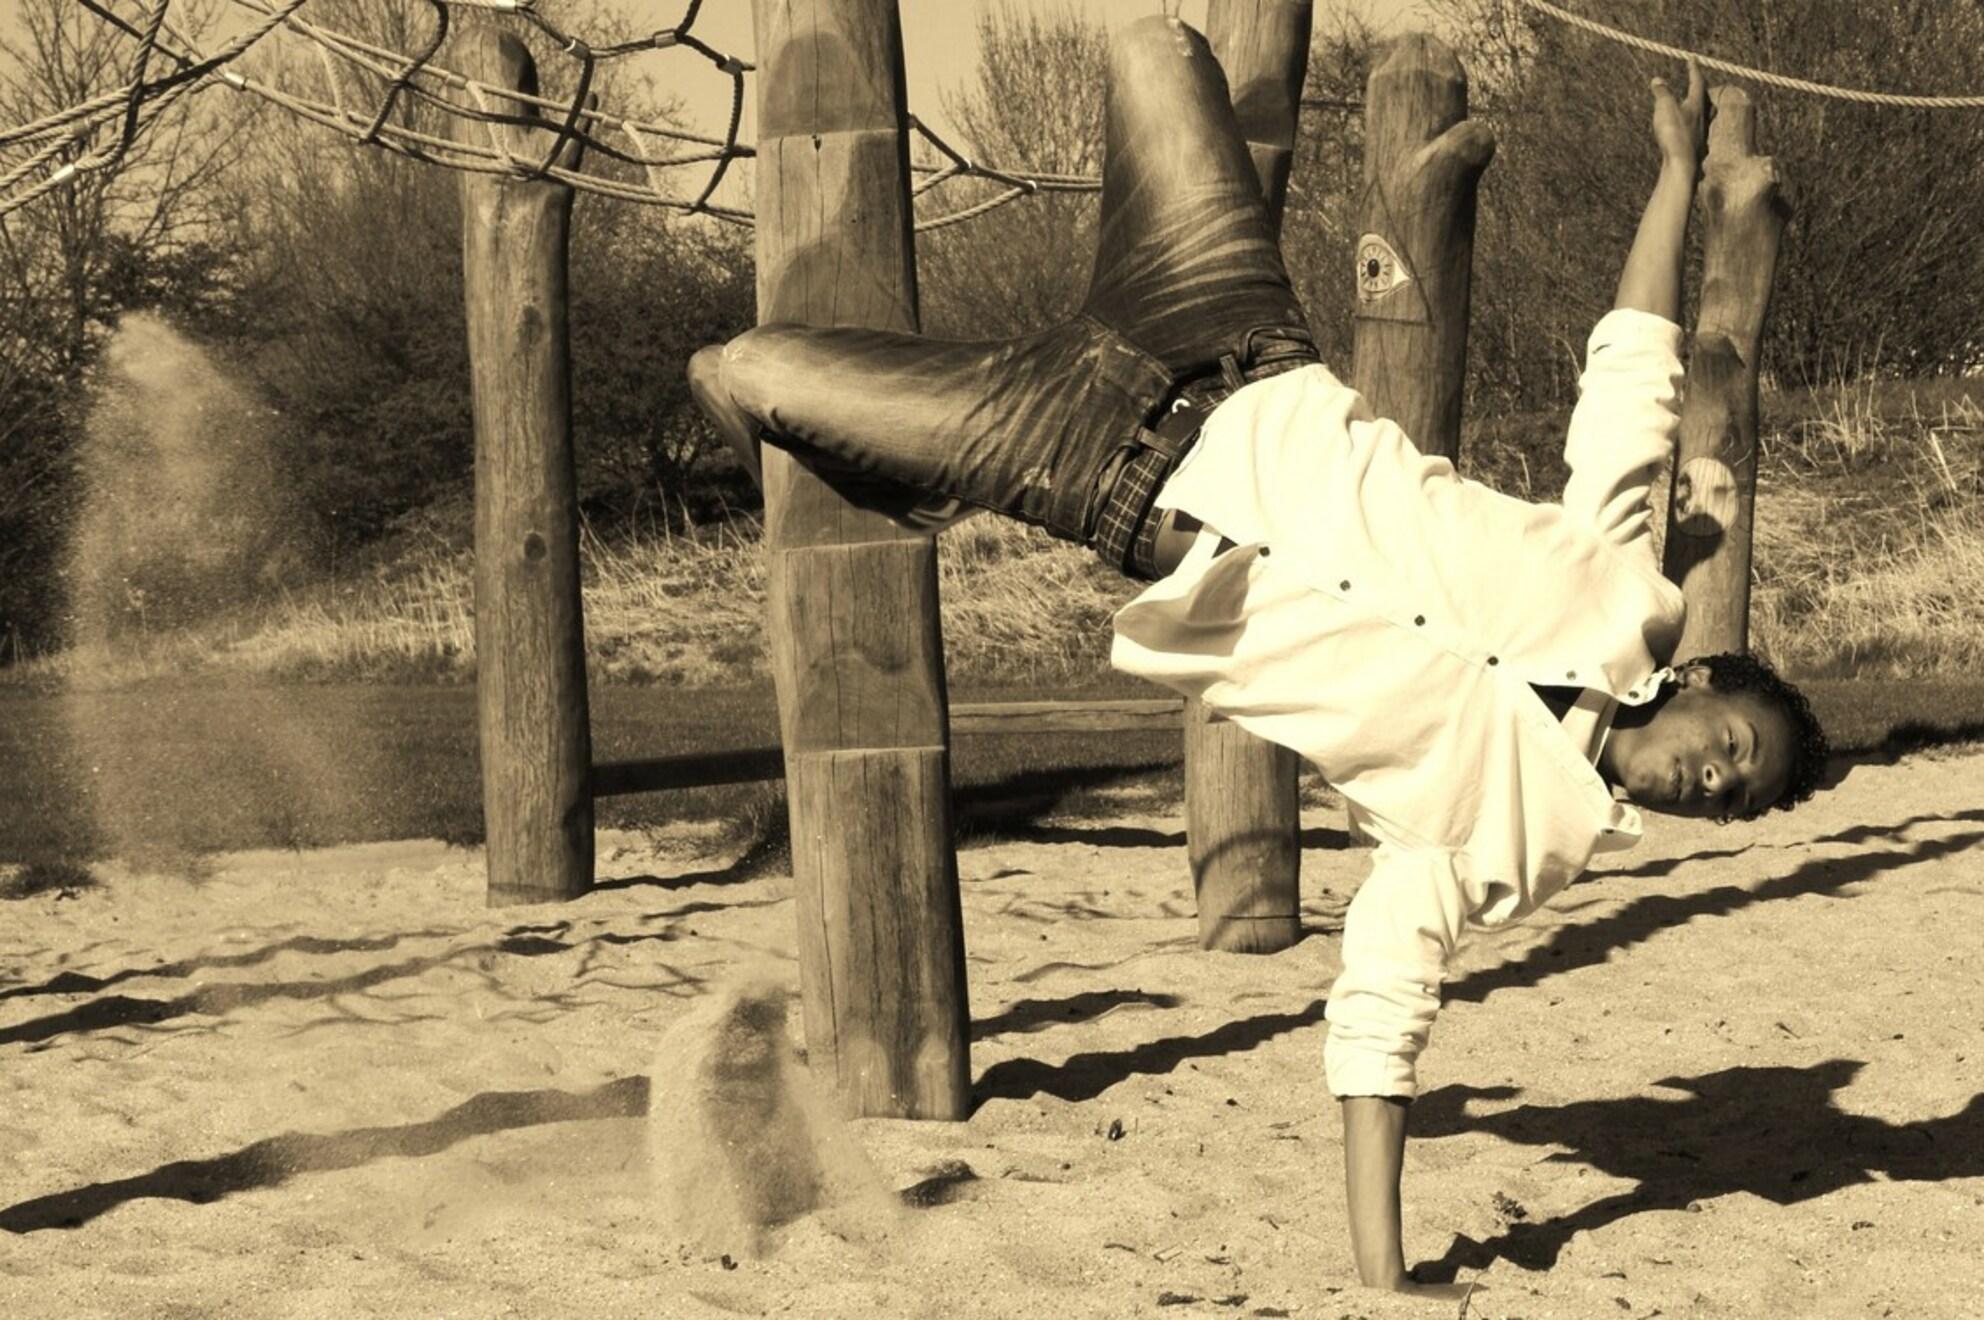 Breakdancing on sand - Afgelopen voorjaar genomen tijdens een fotoshoot met, voormalig Nederlands en Europees kampioen streetdance, Giomar.  Heeft u tips? Deze zijn altij - foto door cliques op 05-08-2011 - deze foto bevat: zand, dansen, speeltuin, streetdance, sand - Deze foto mag gebruikt worden in een Zoom.nl publicatie